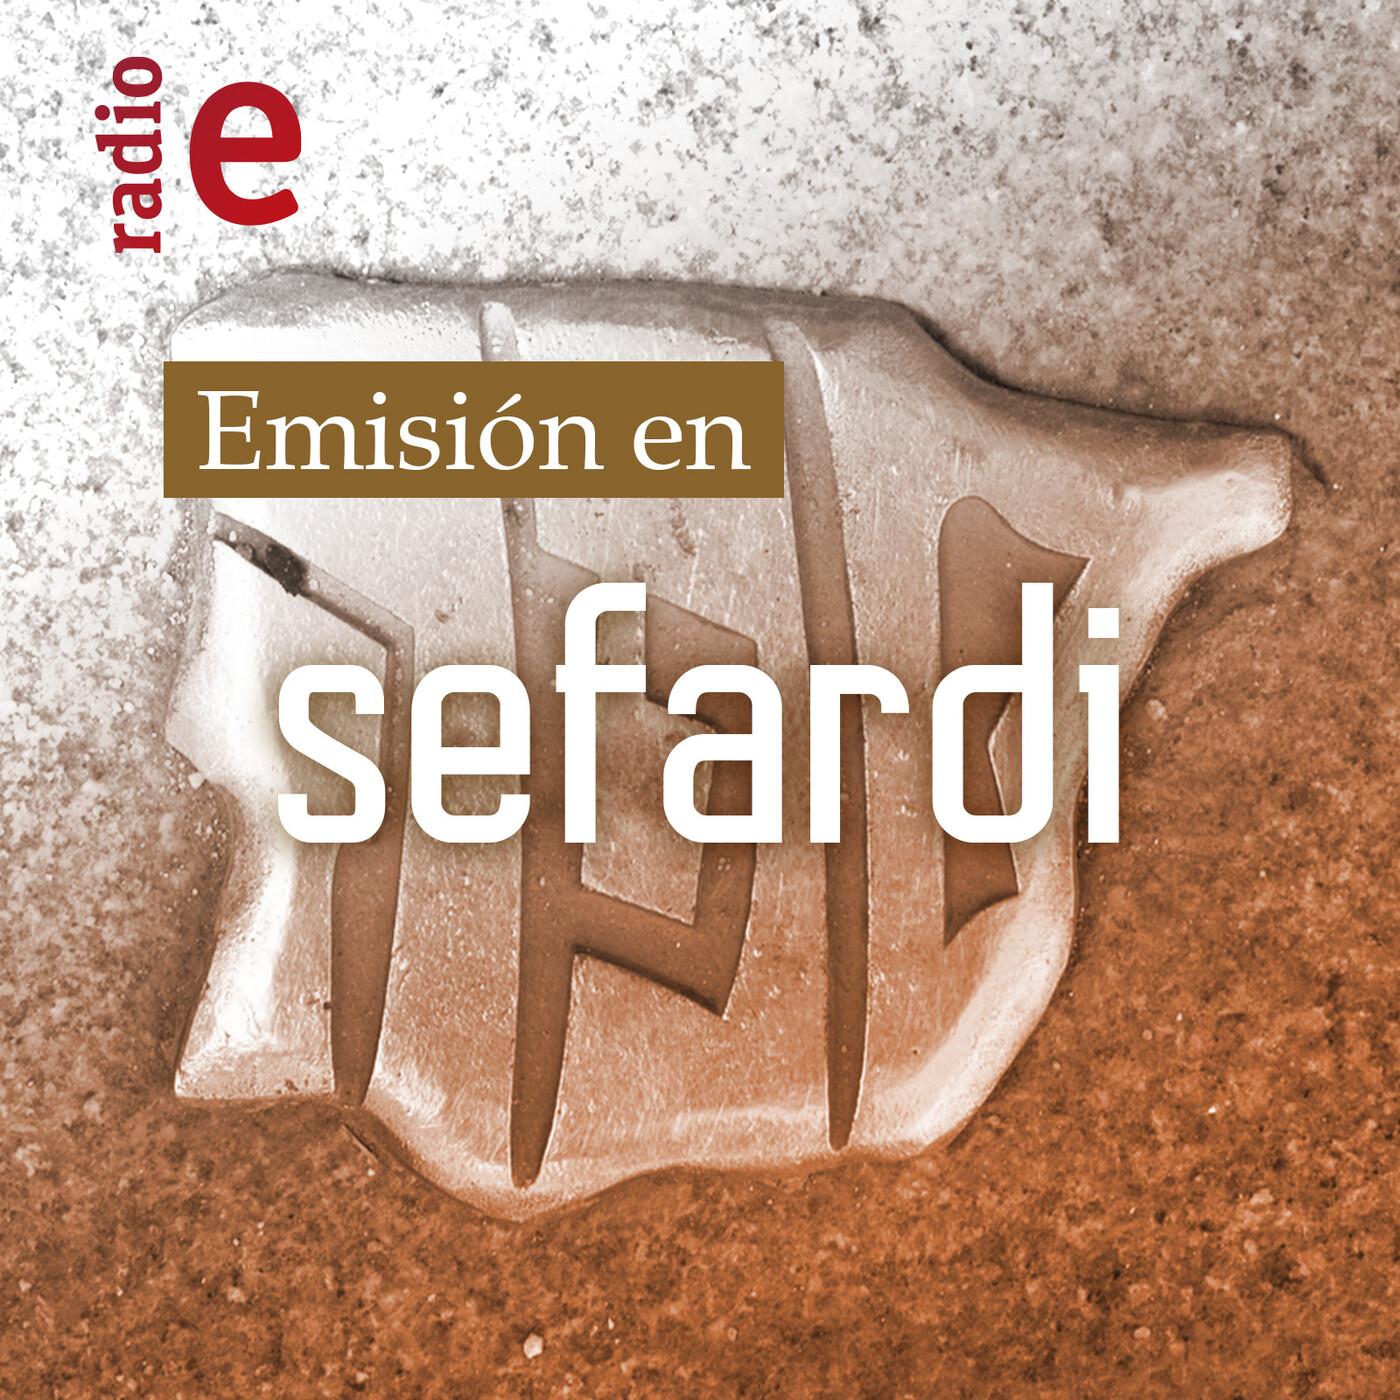 Emisión en sefardí